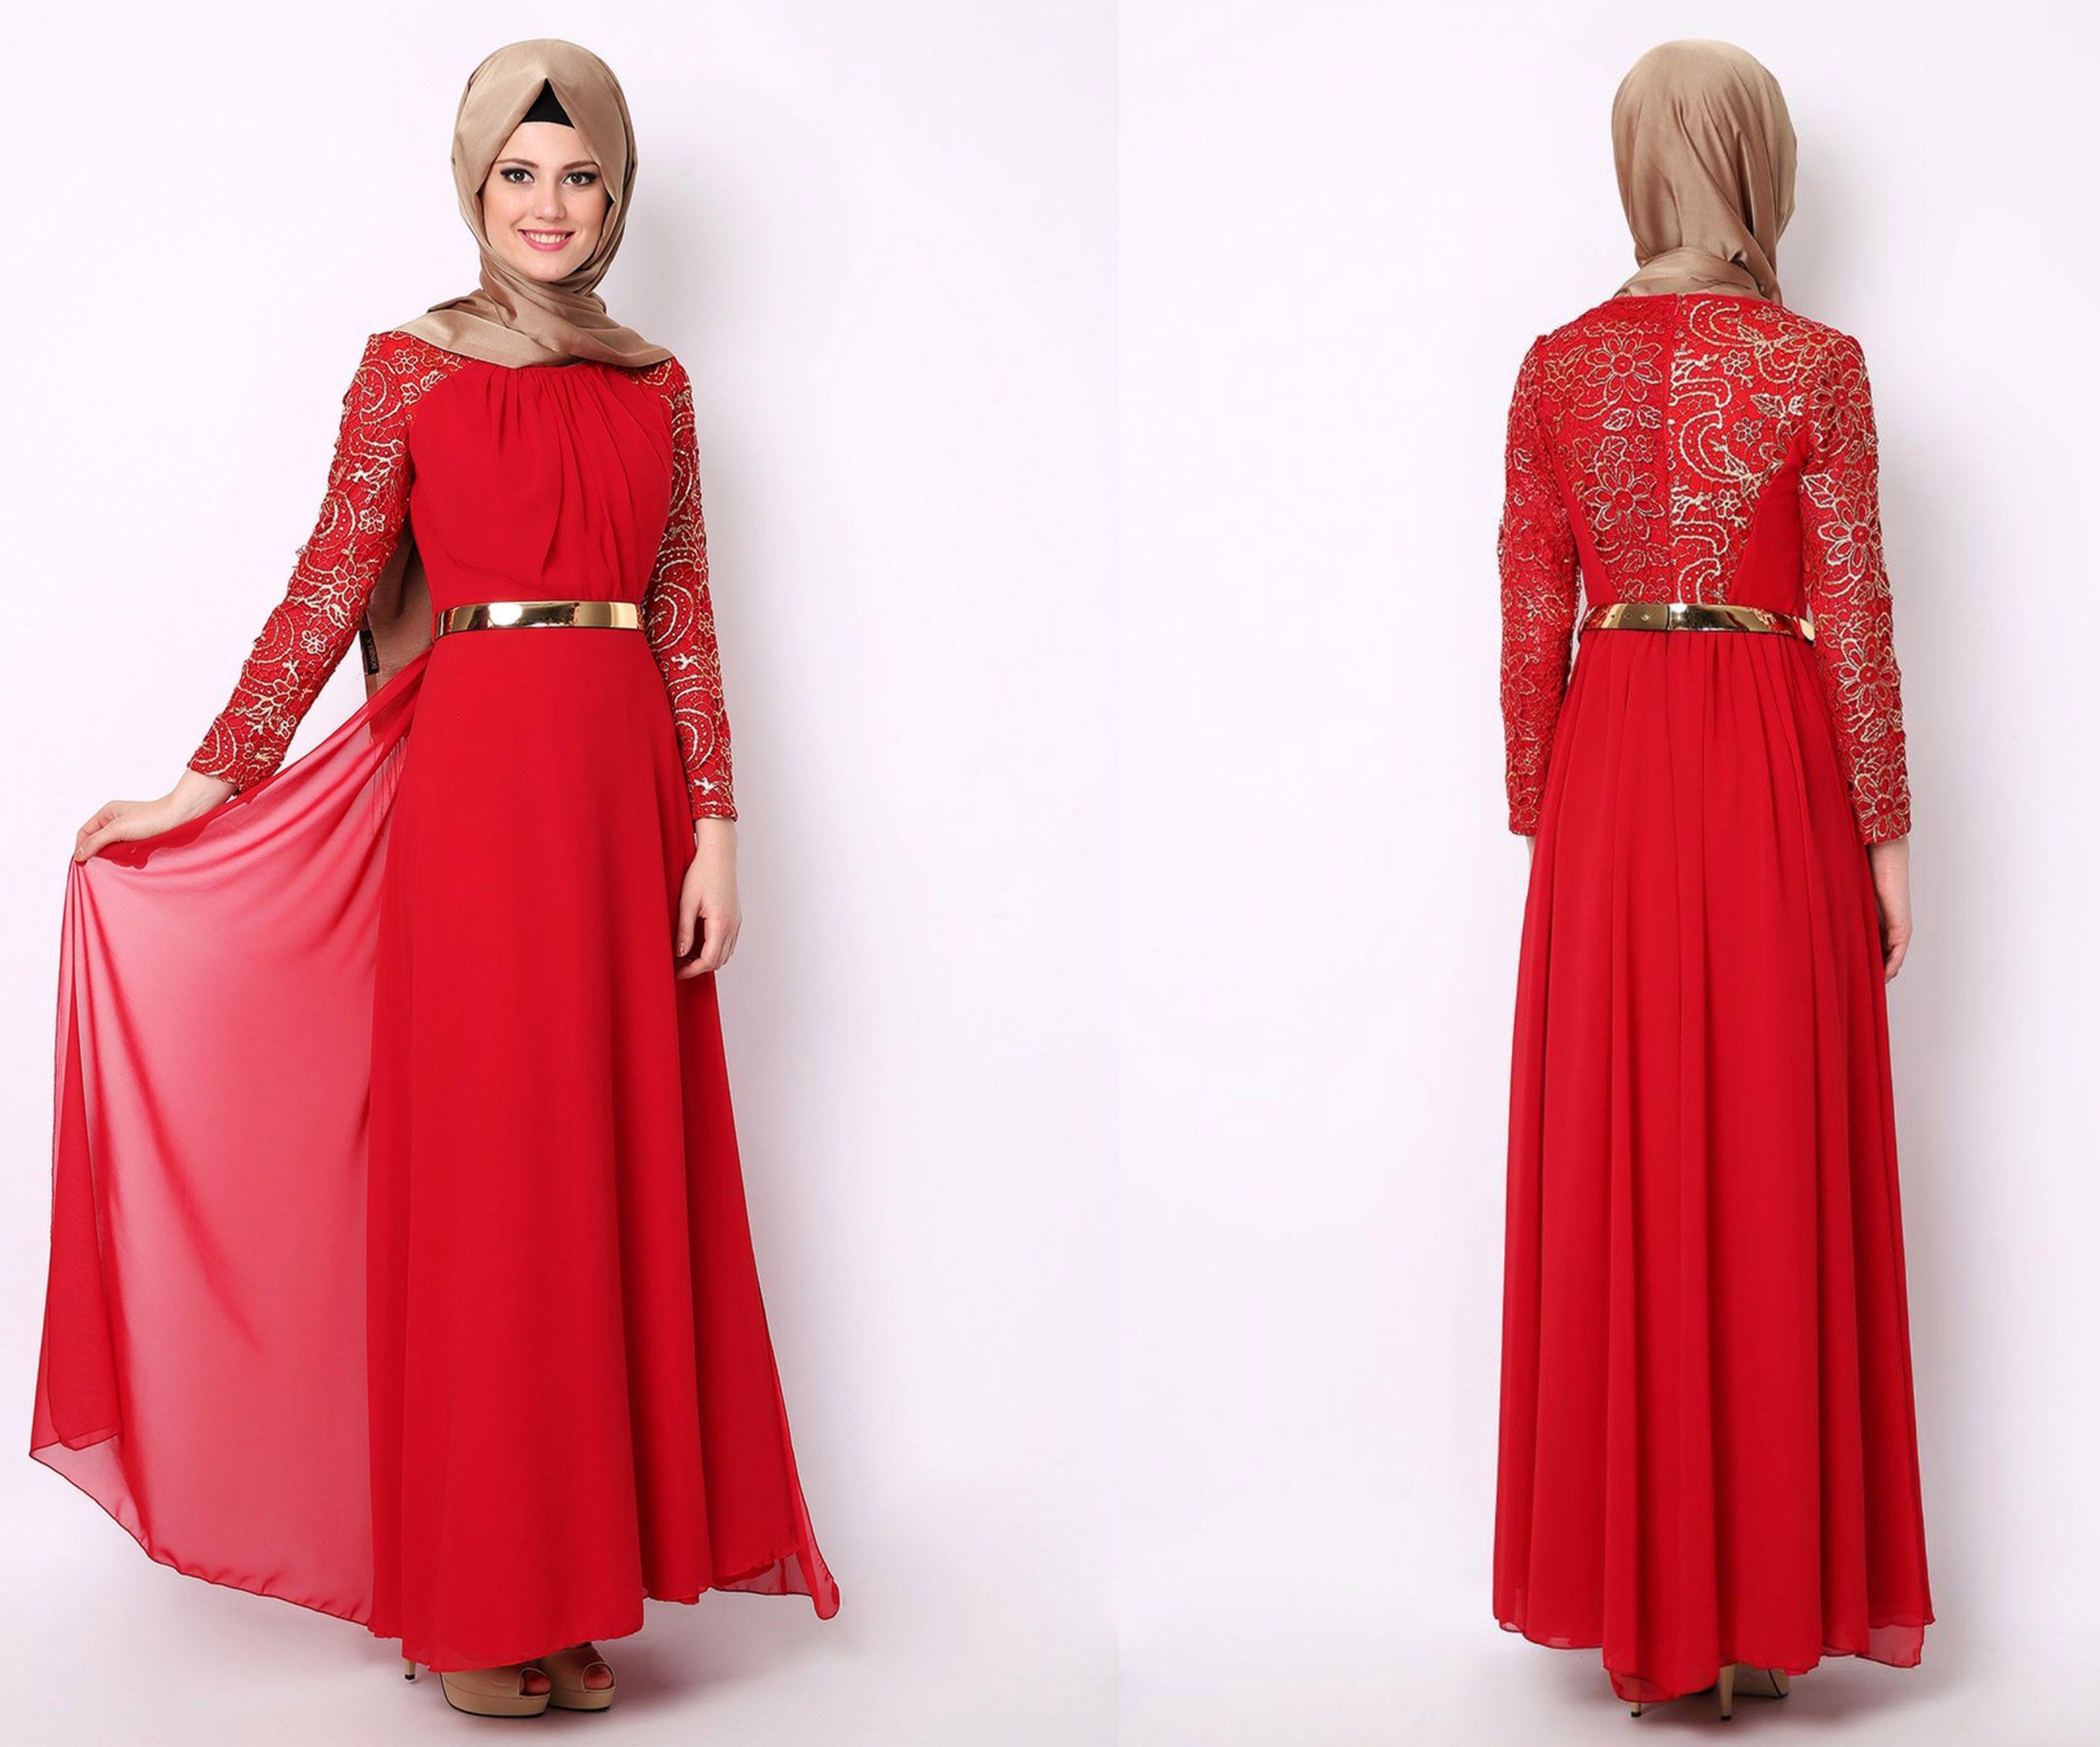 Modelleri ve elbise fiyatlar modasor com pictures to pin on pinterest - Tesett R Elbise Kombinleri Tesett R Giyim Kombinleri Blog Tesett R Giyim Kombinleri Ve Fiyatlar Tesett R